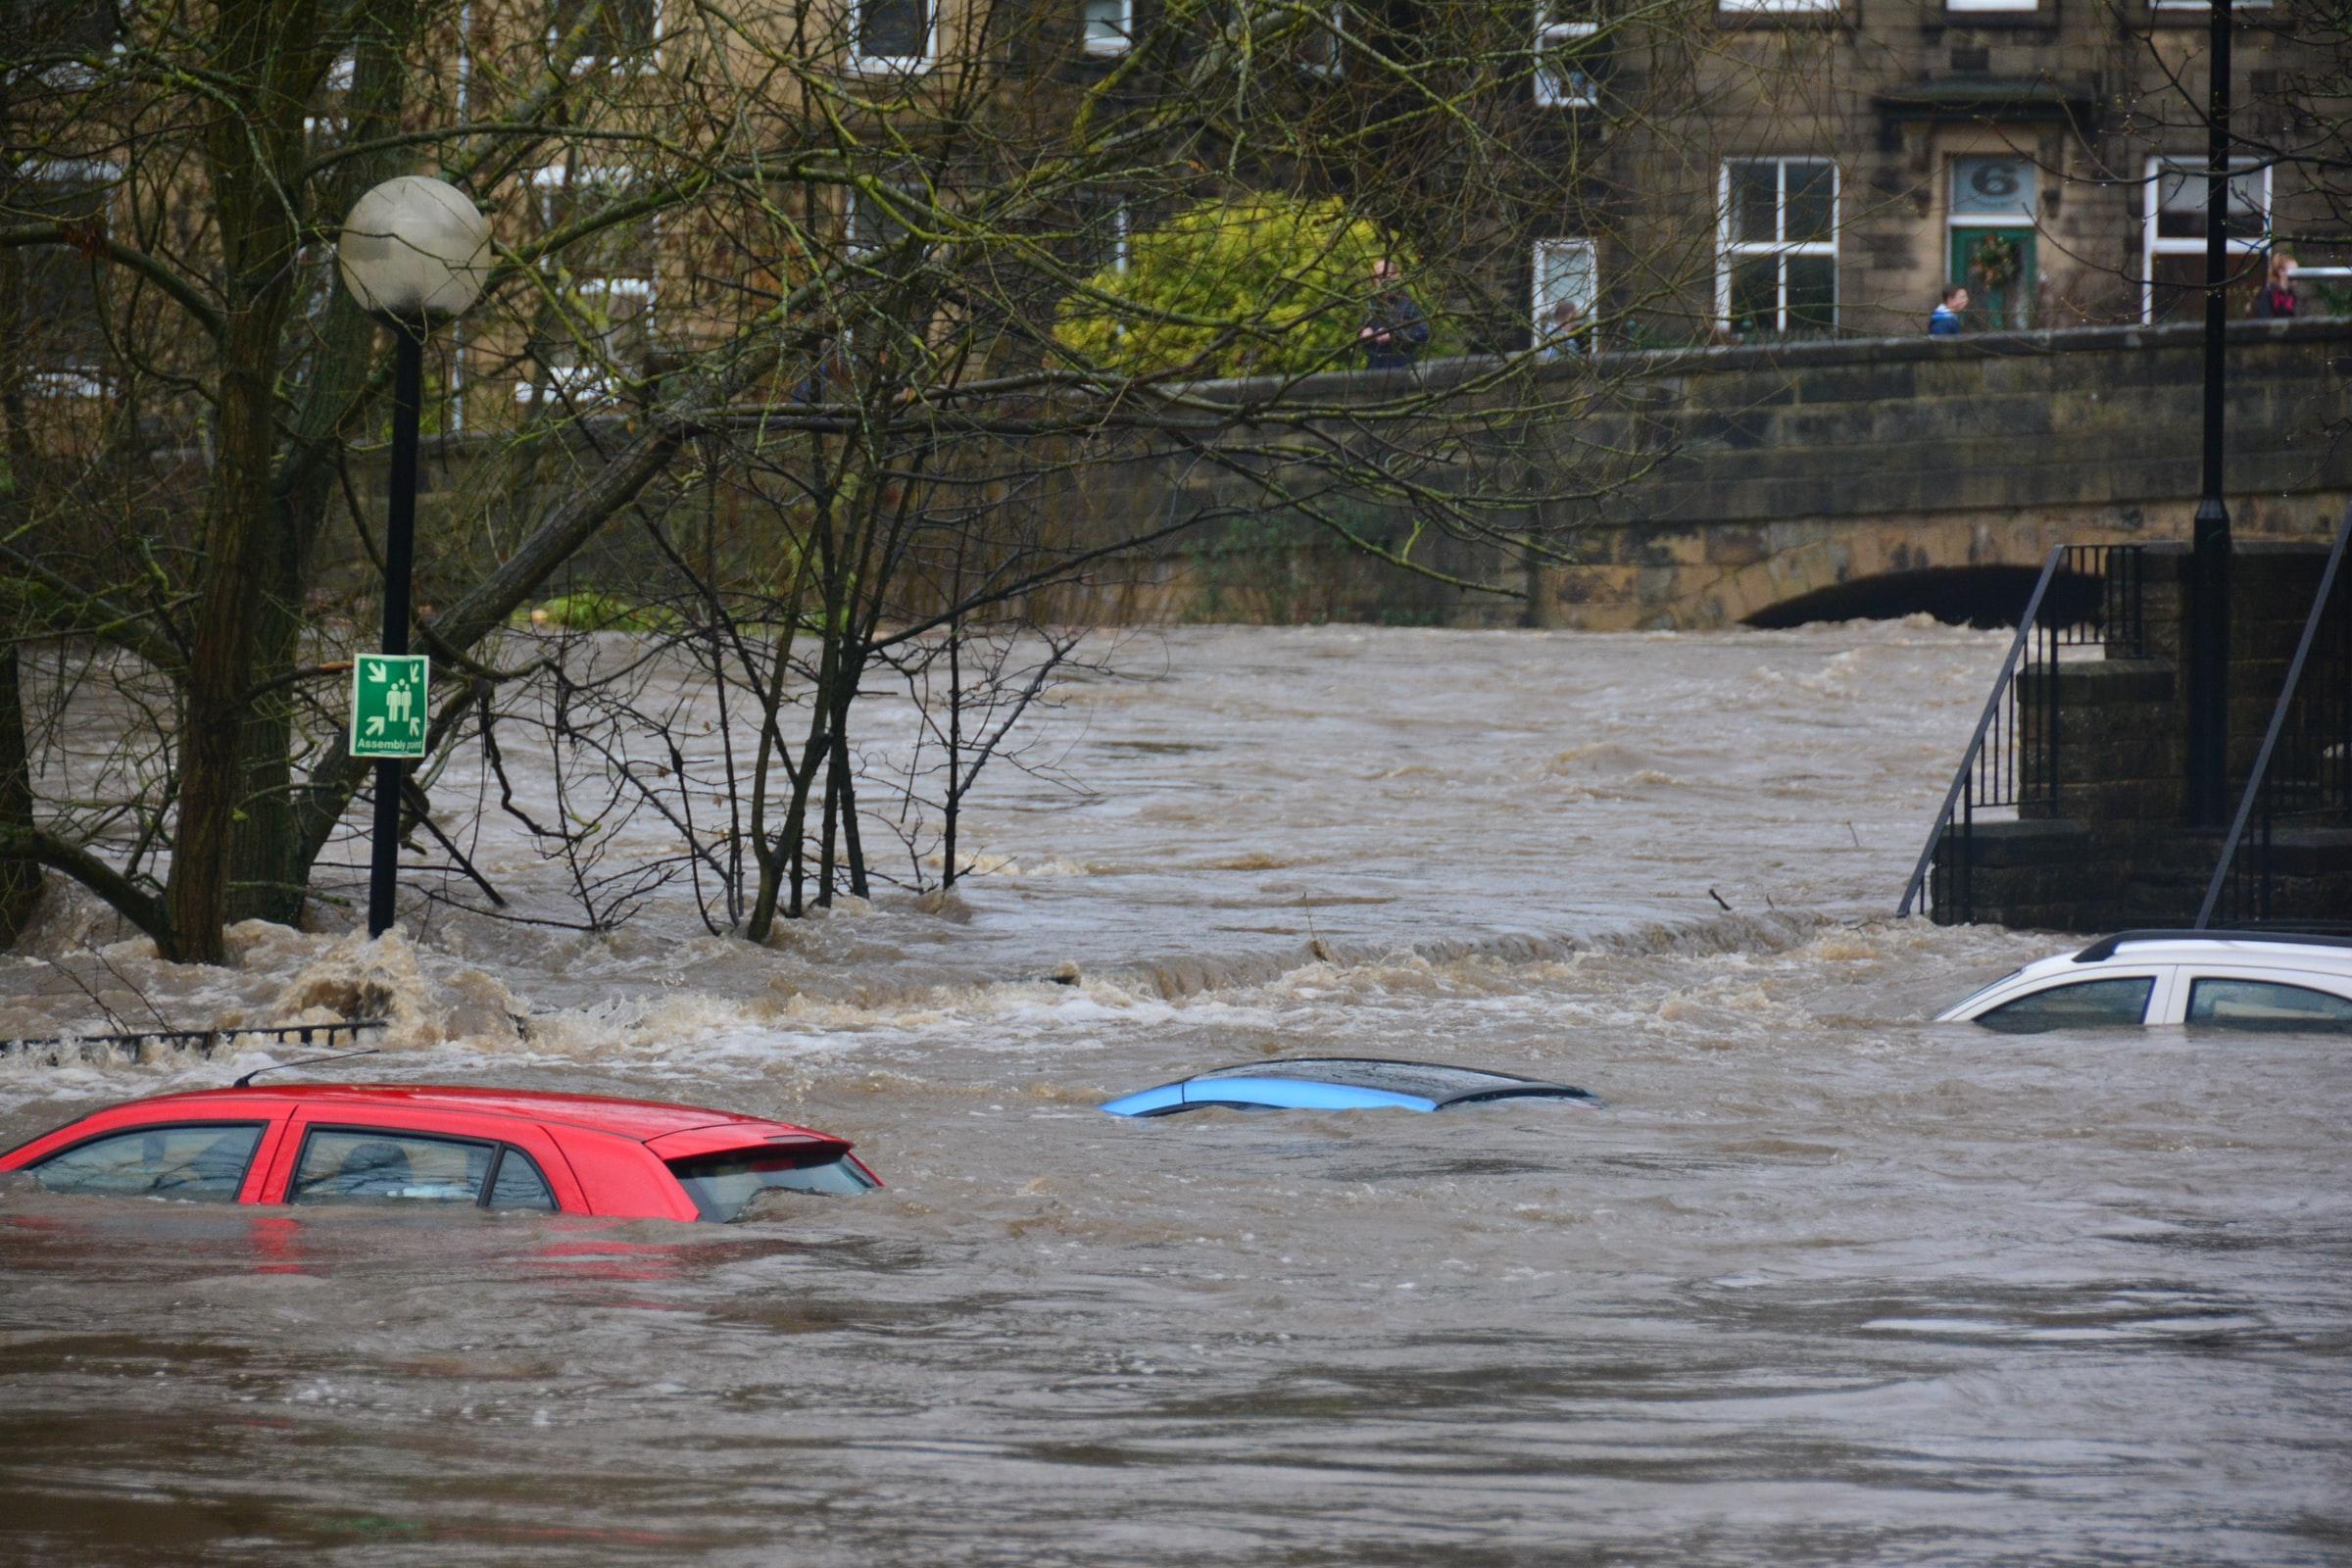 inundaciones en una ciudad